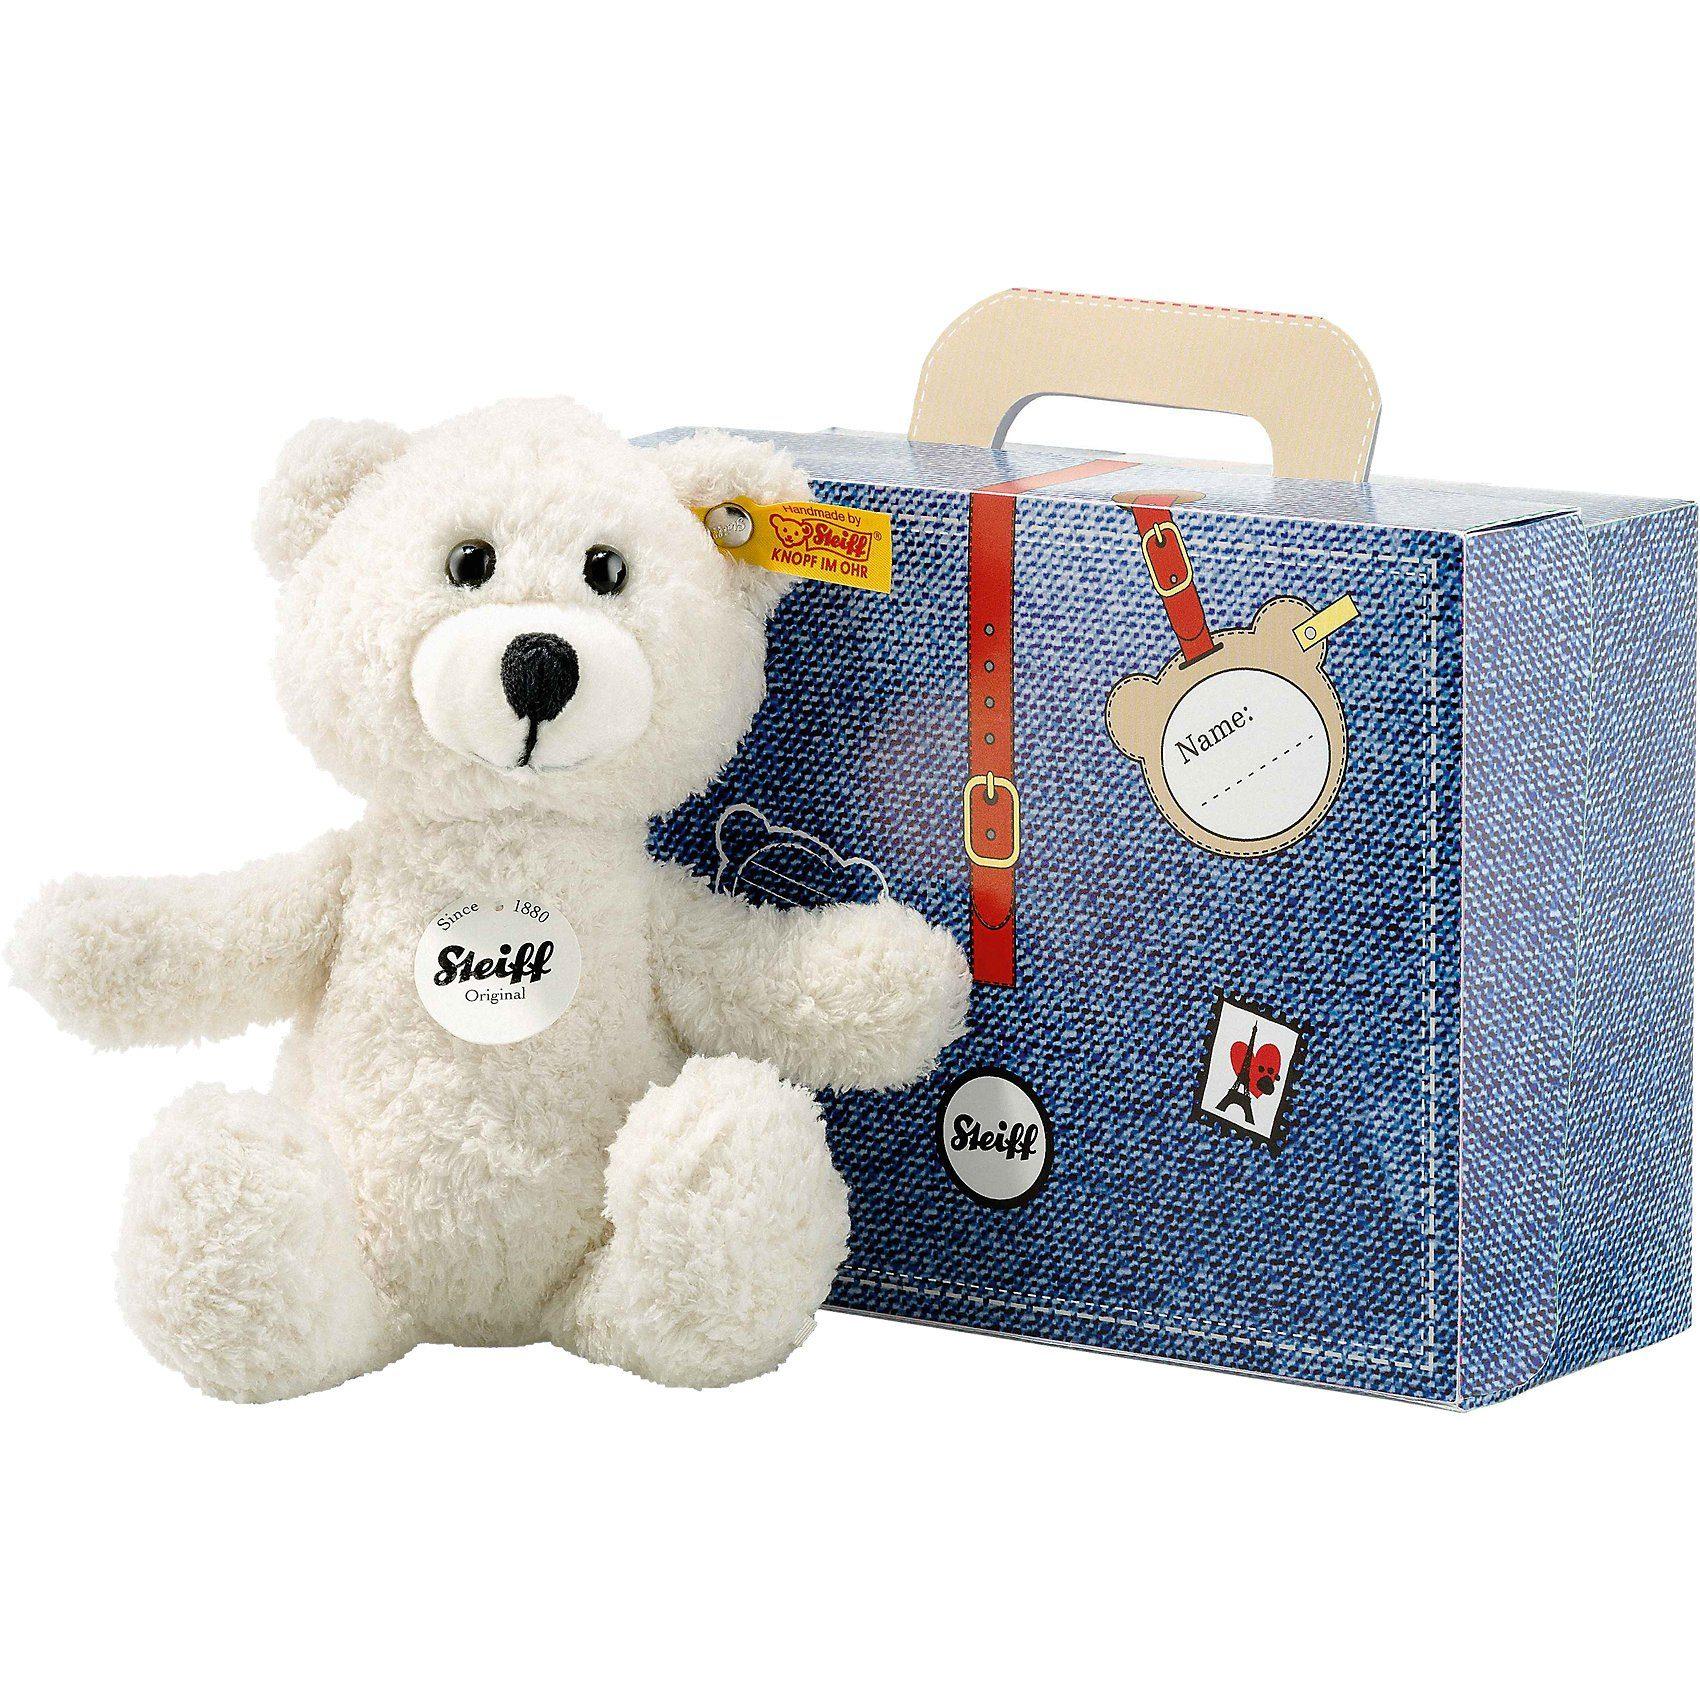 Steiff Teddyb.Sunny 22 creme im Koffer